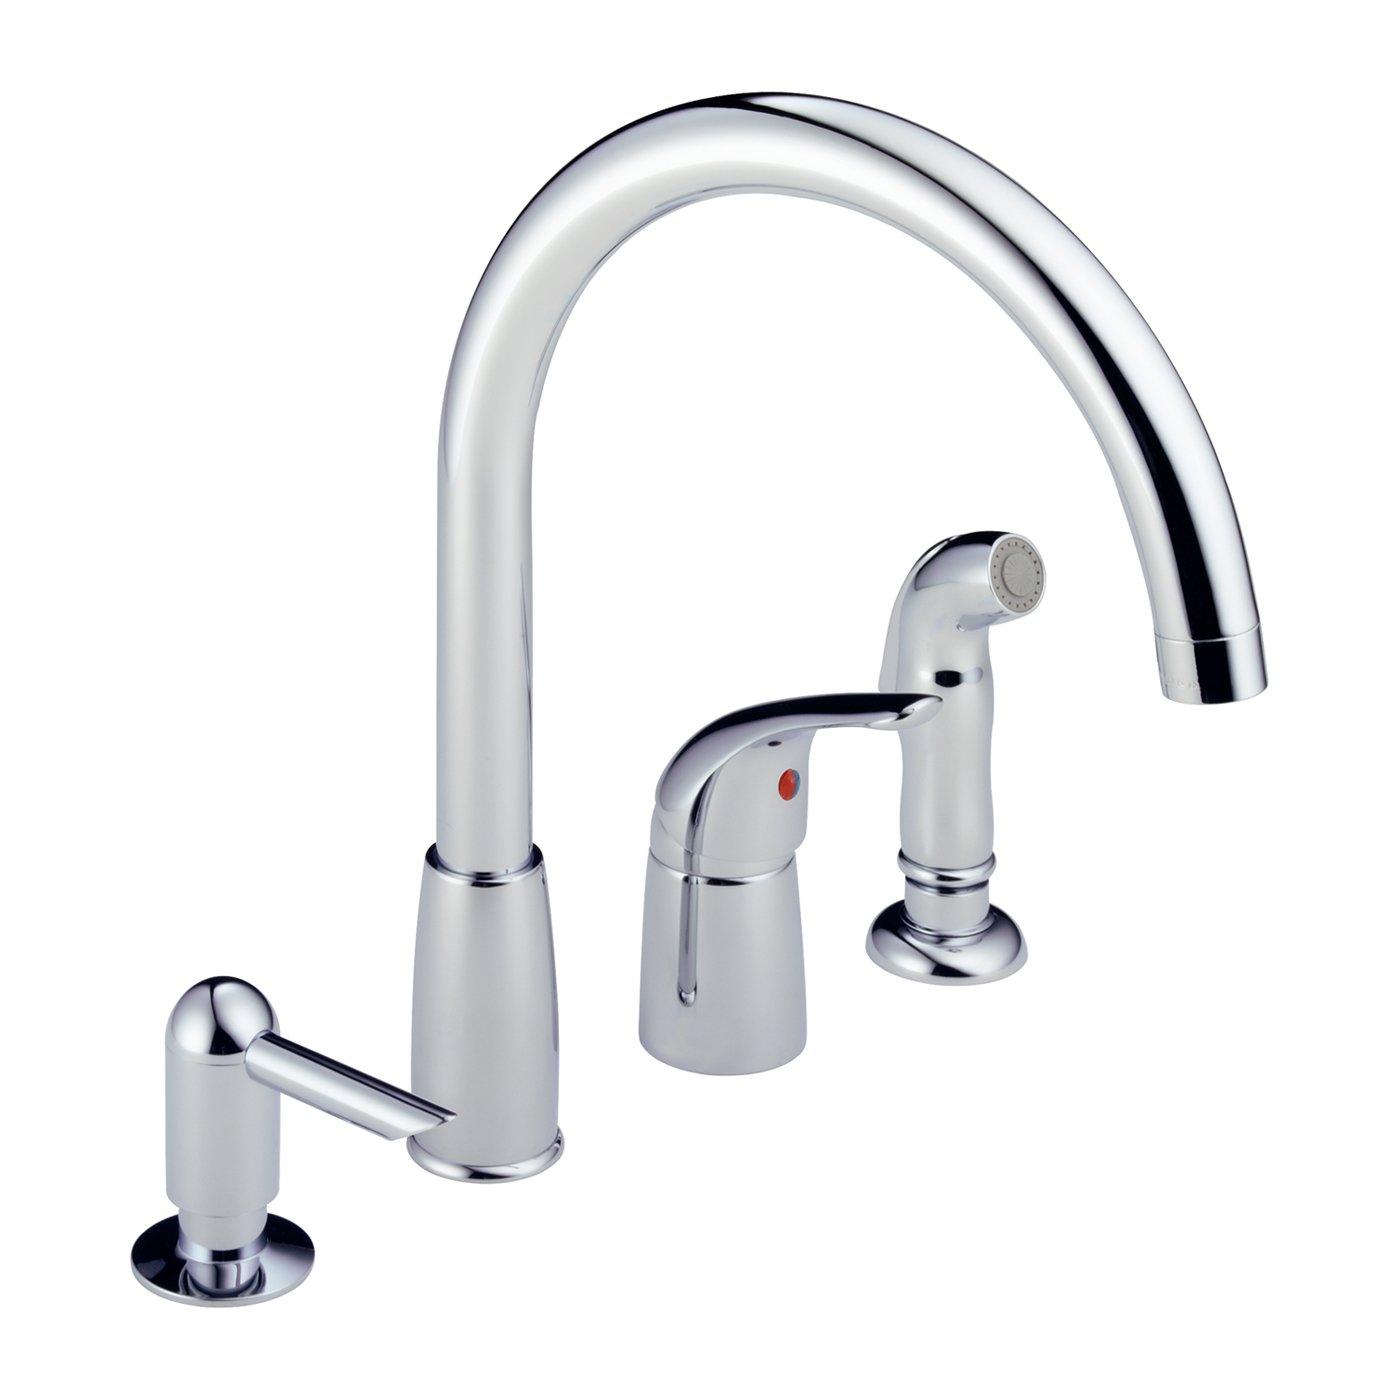 Peerless kitchen faucet | | Kitchen ideas